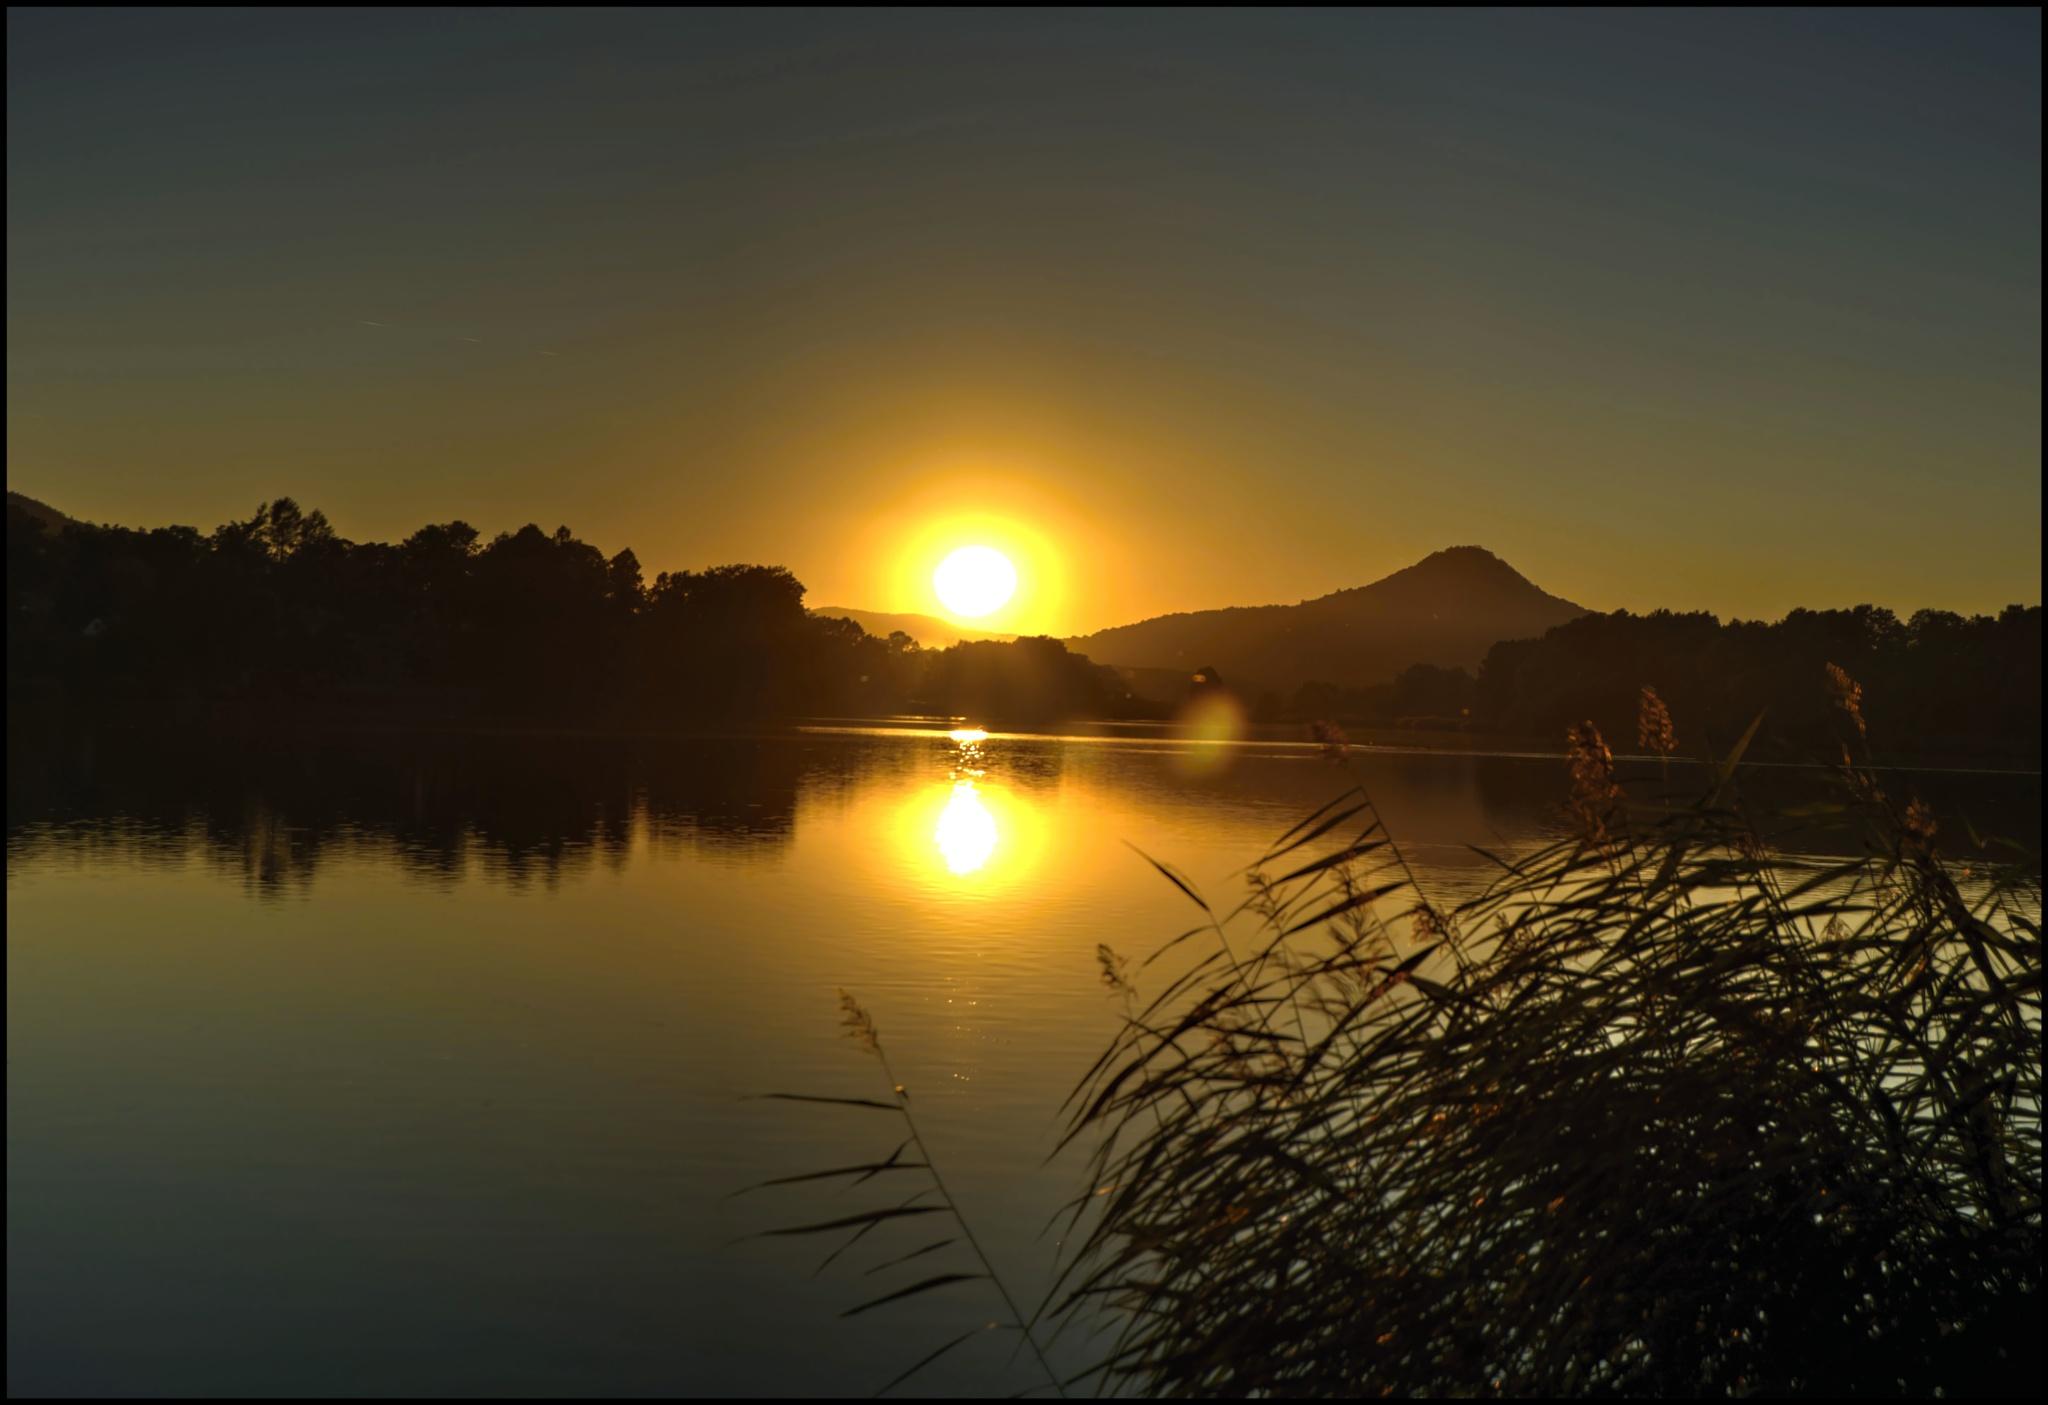 Holanský rybník by Hana